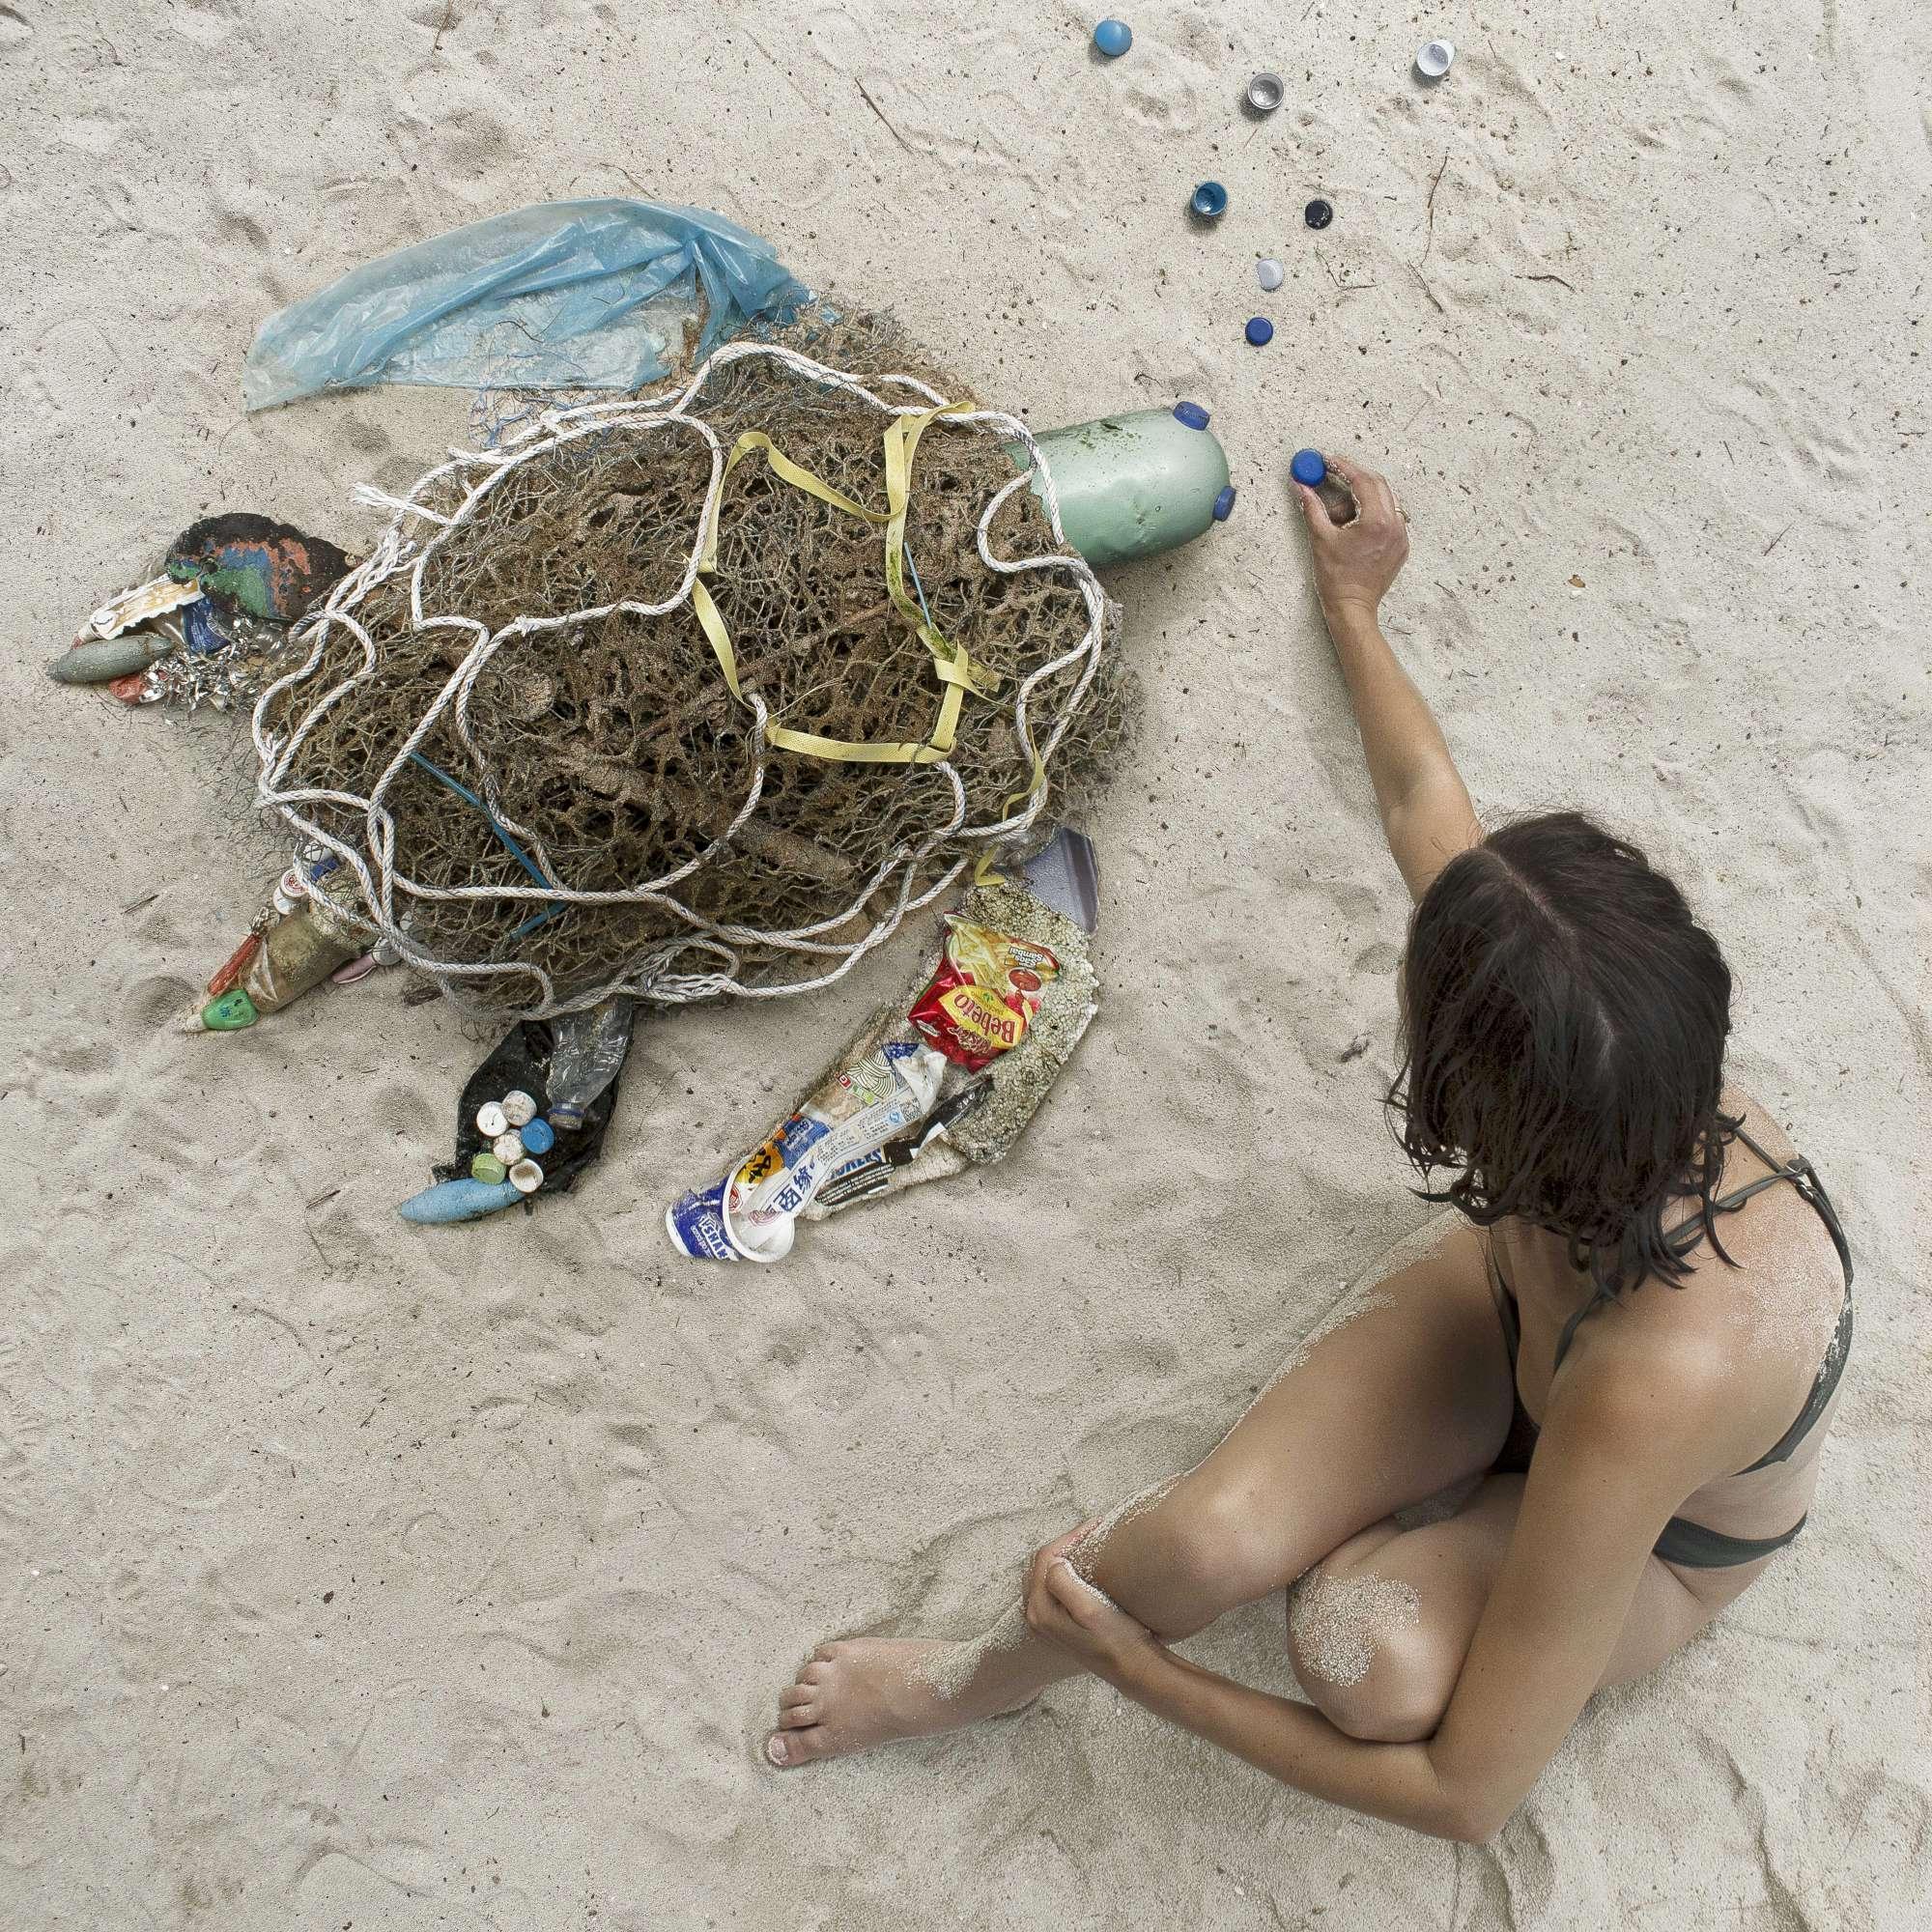 Dominique, l artista che raccoglie i rifiuti e li trasforma in vere opere